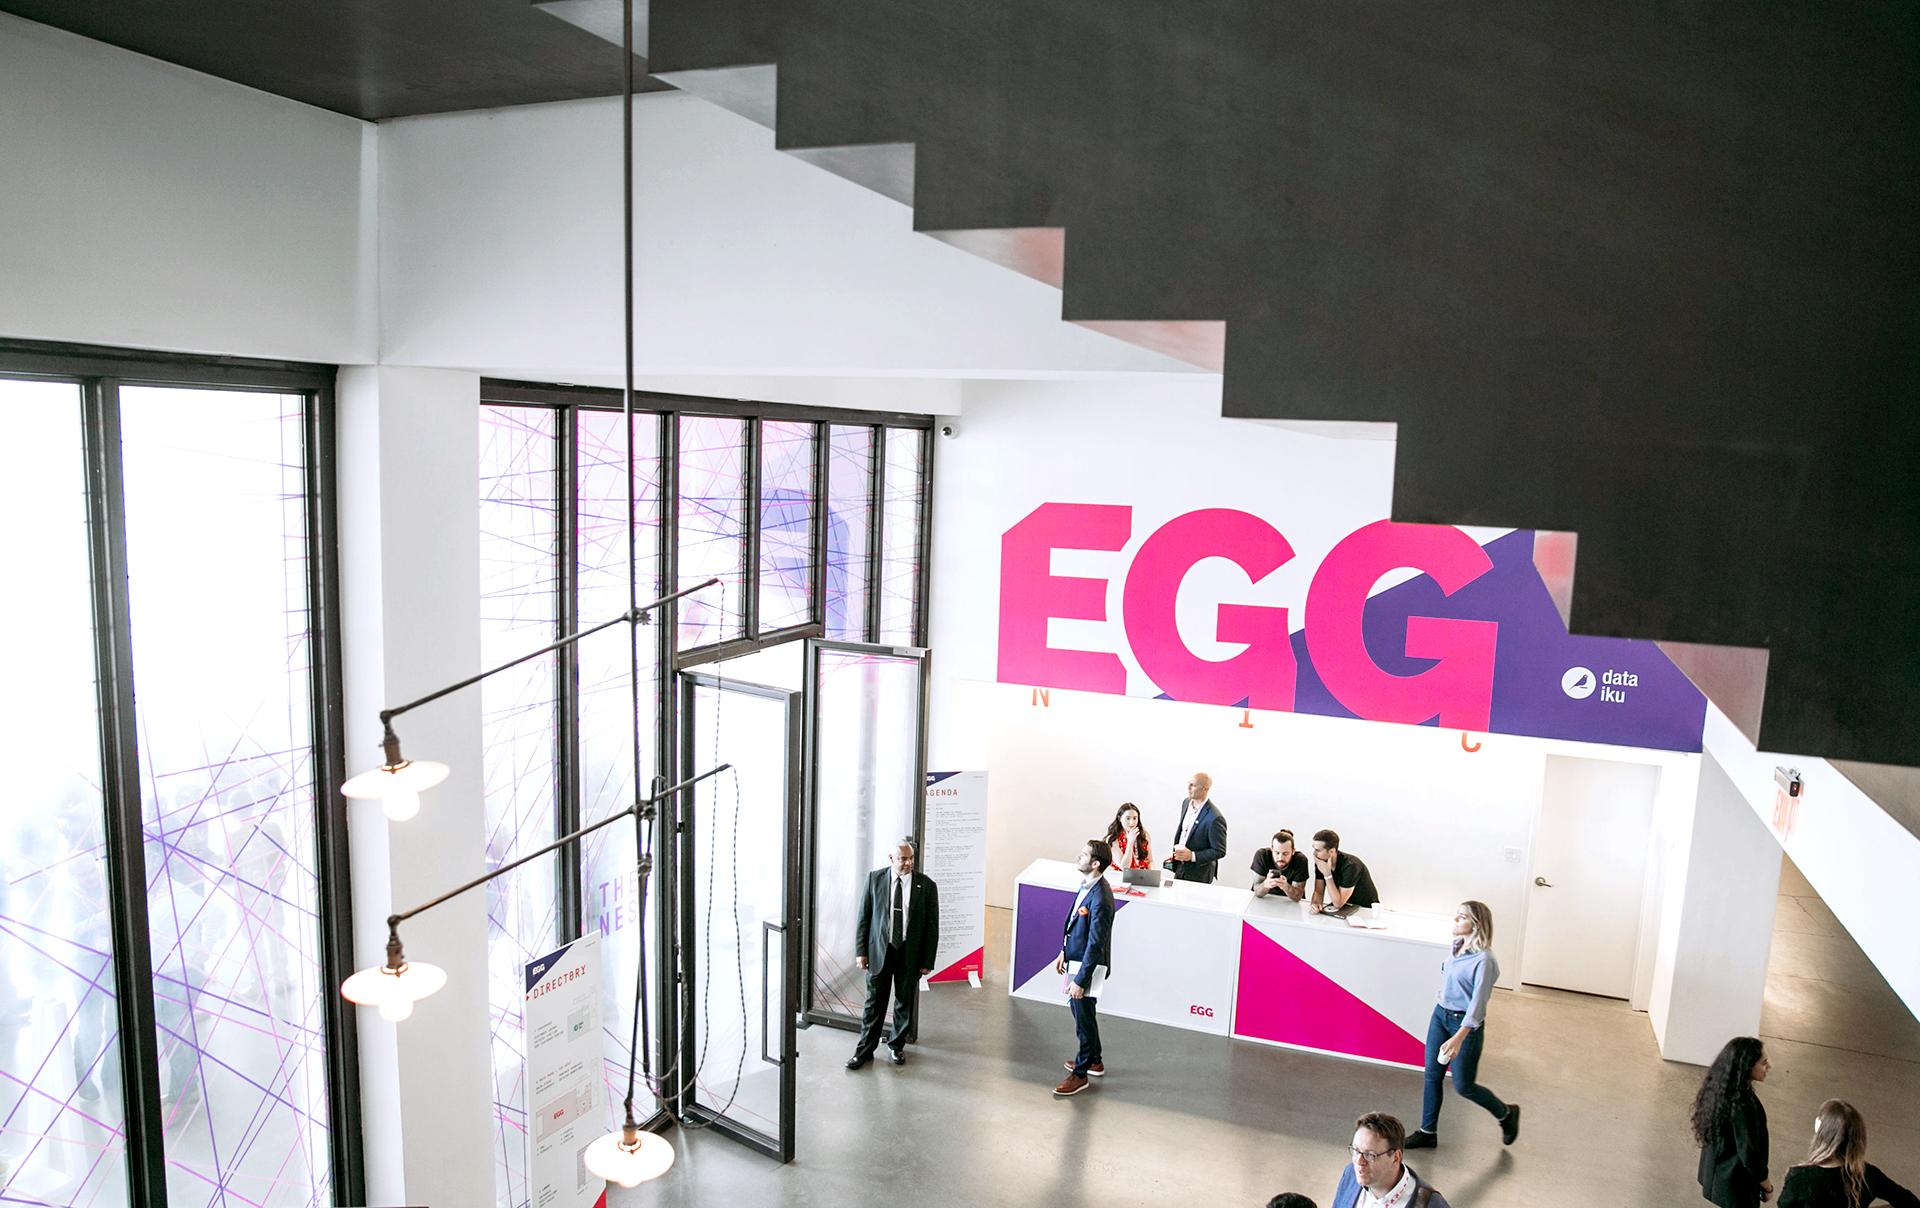 egg_lobby.jpg